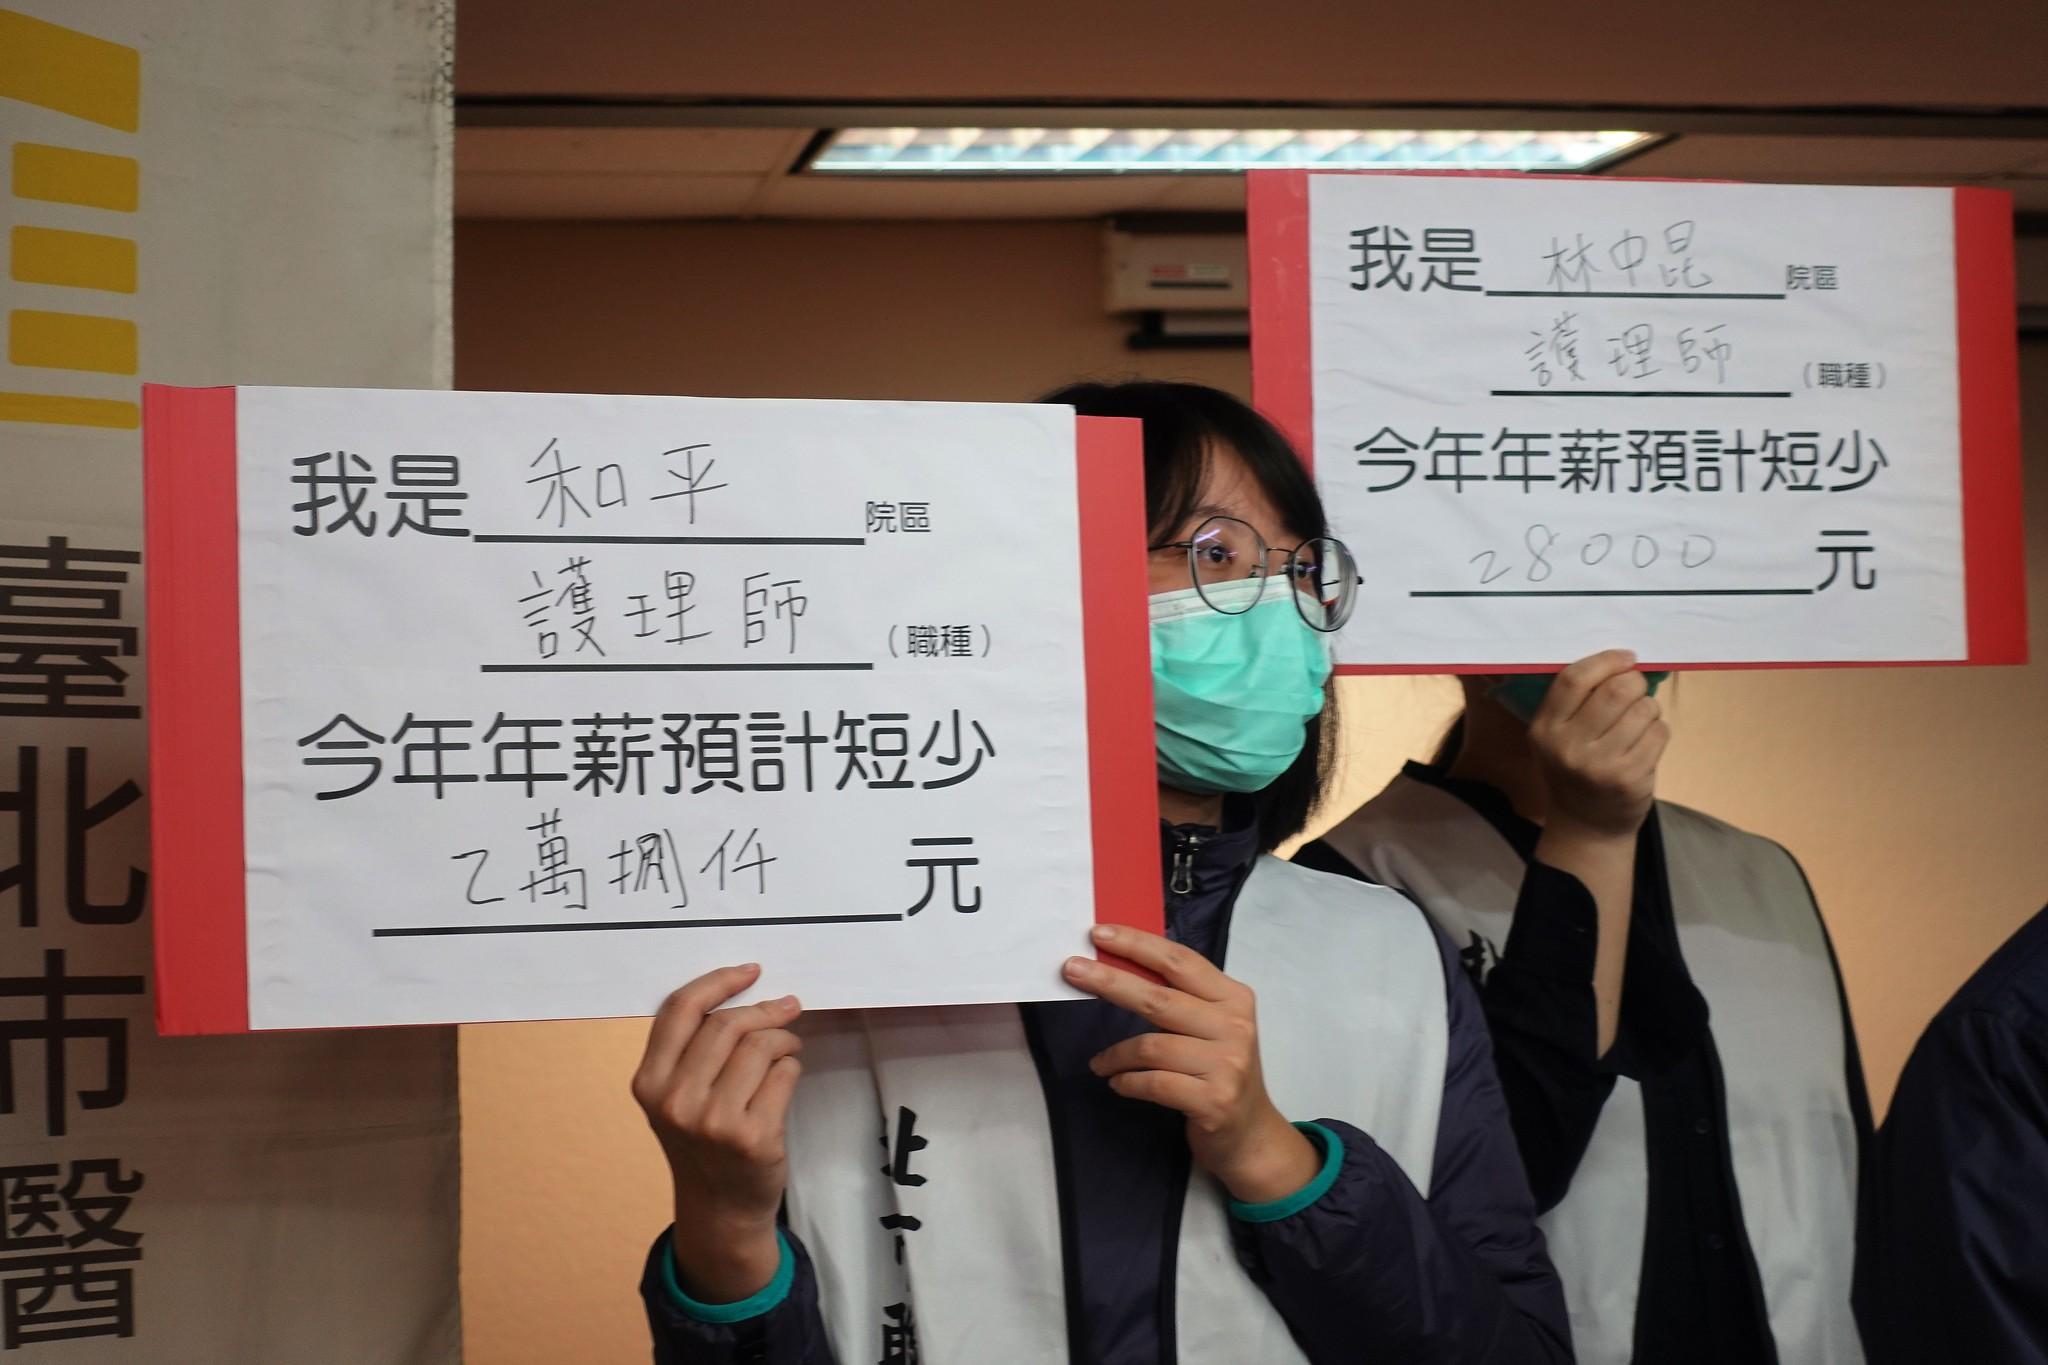 出席記者會的護理師控訴今年薪資被砍兩萬八。(攝影:張智琦)